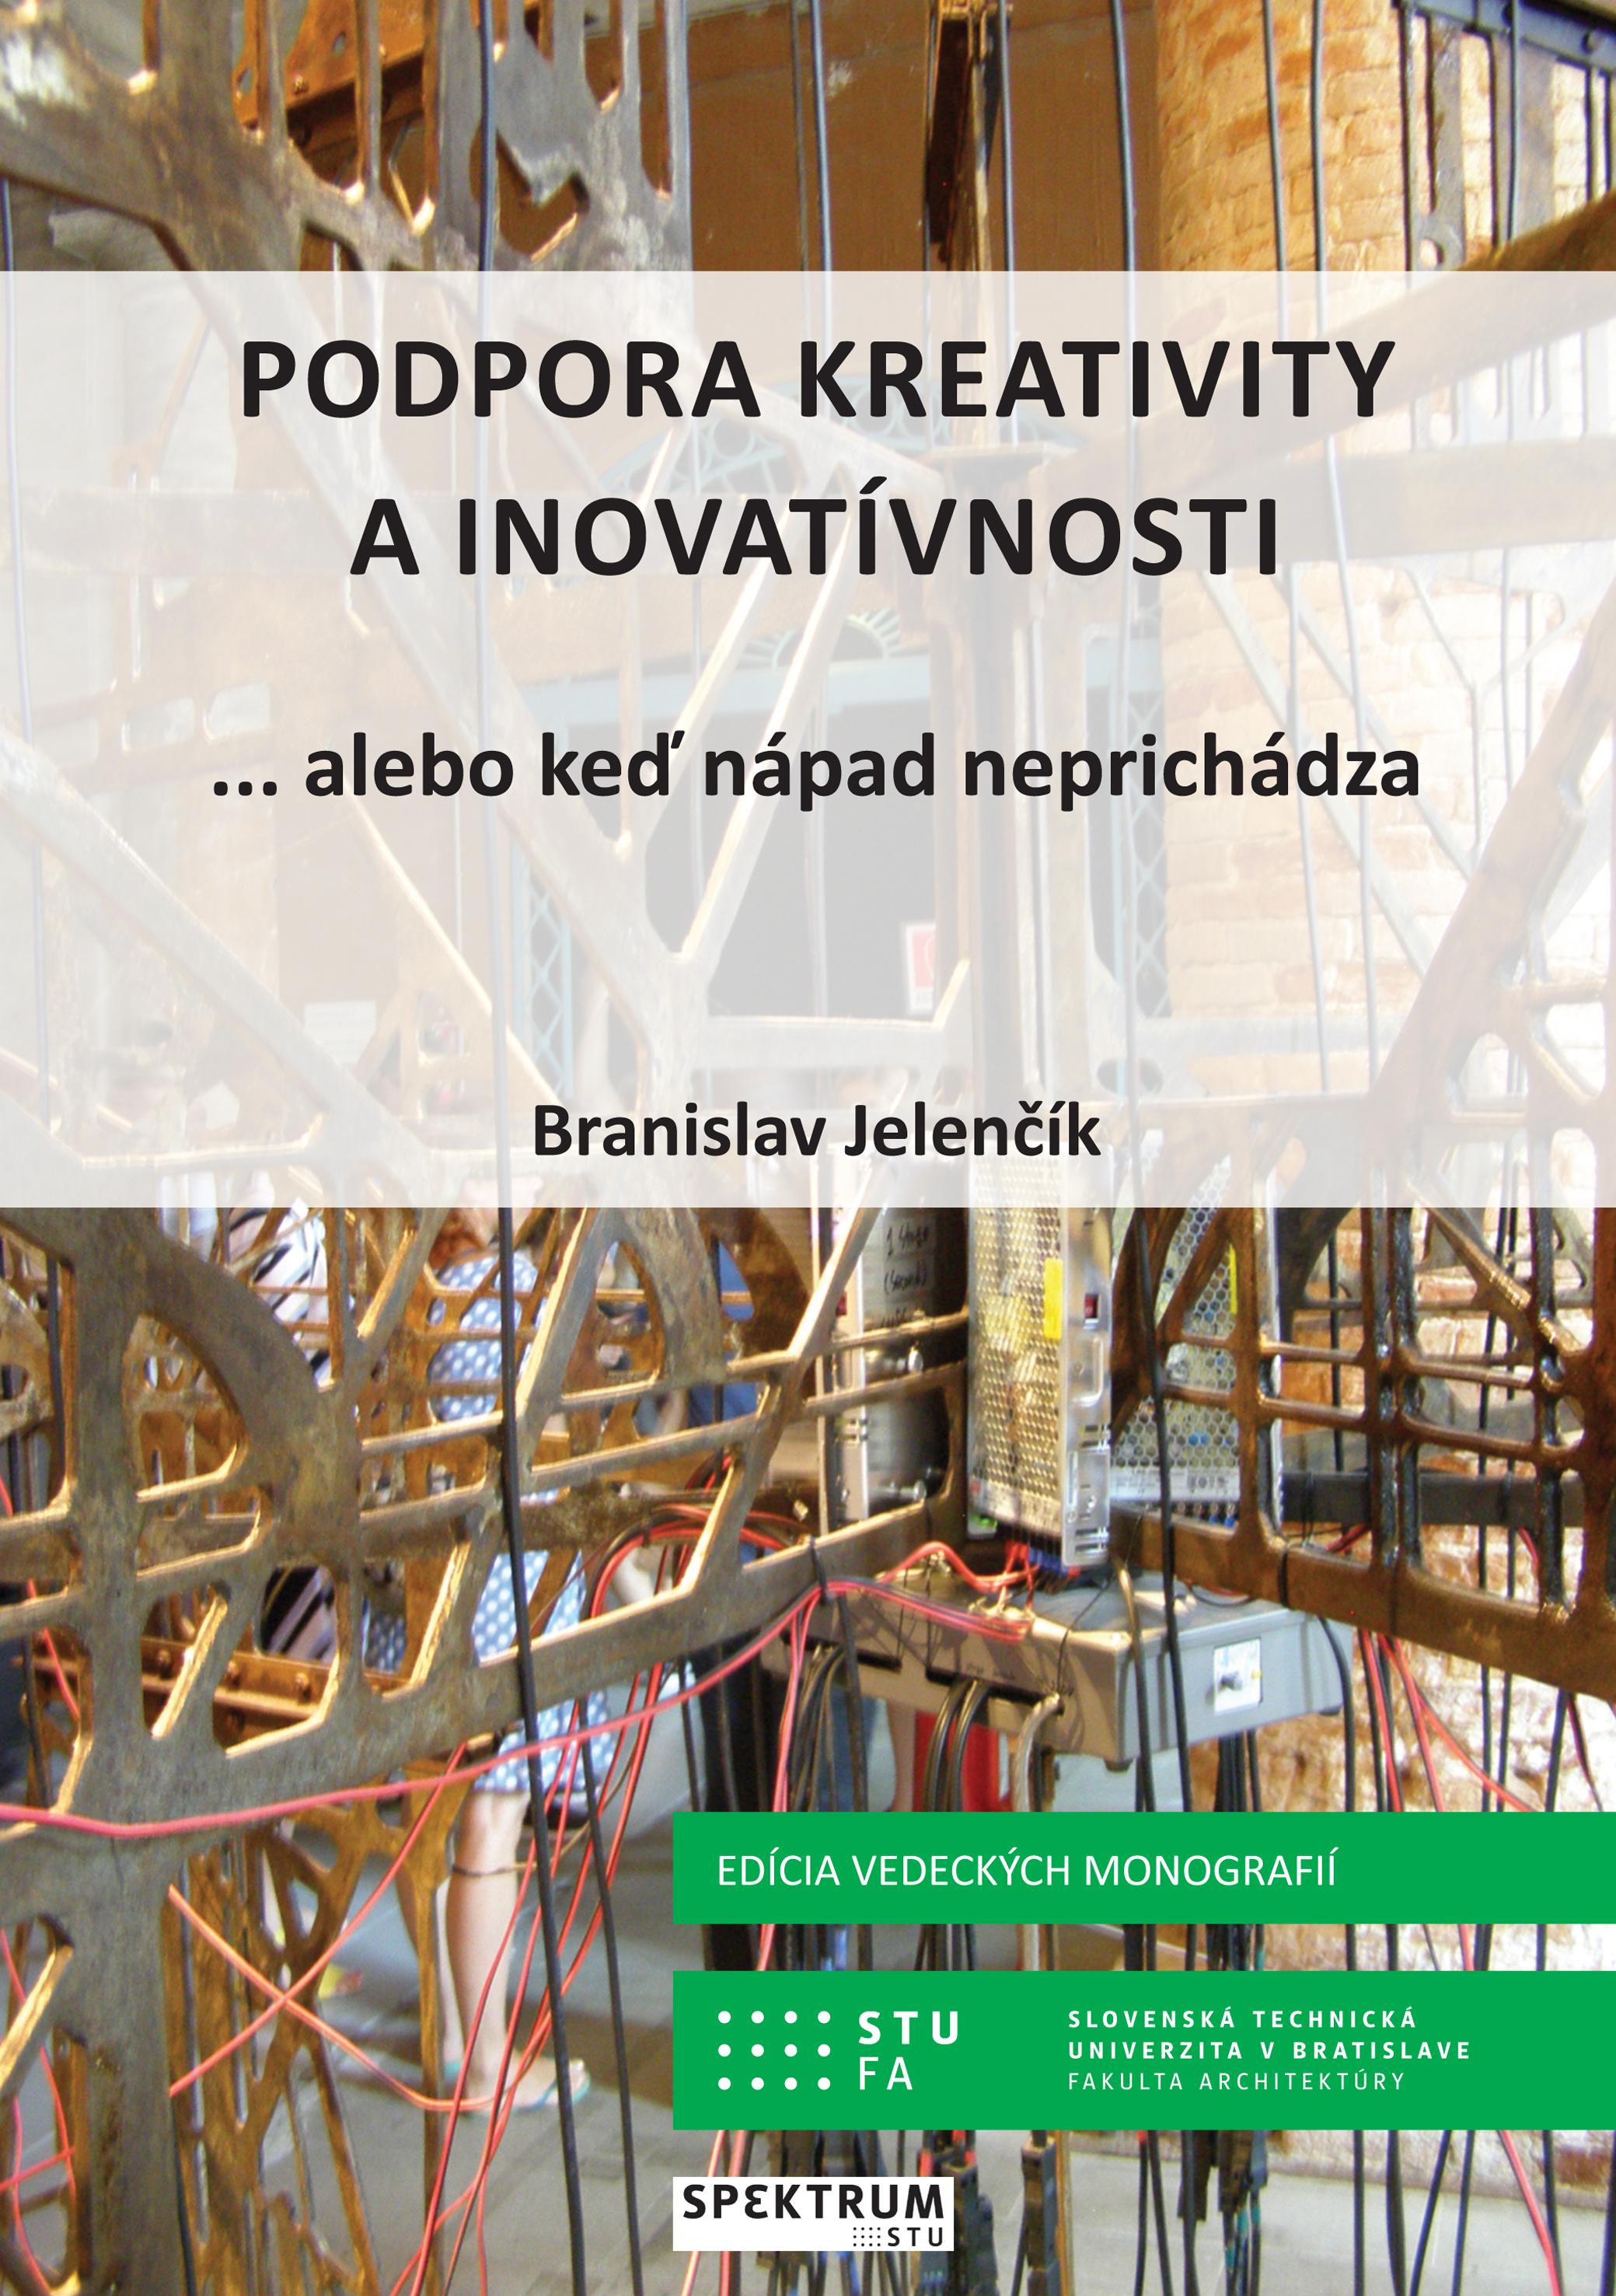 Podpora kreativity a inovatívnosti... alebo keď nápad neprichádza 1